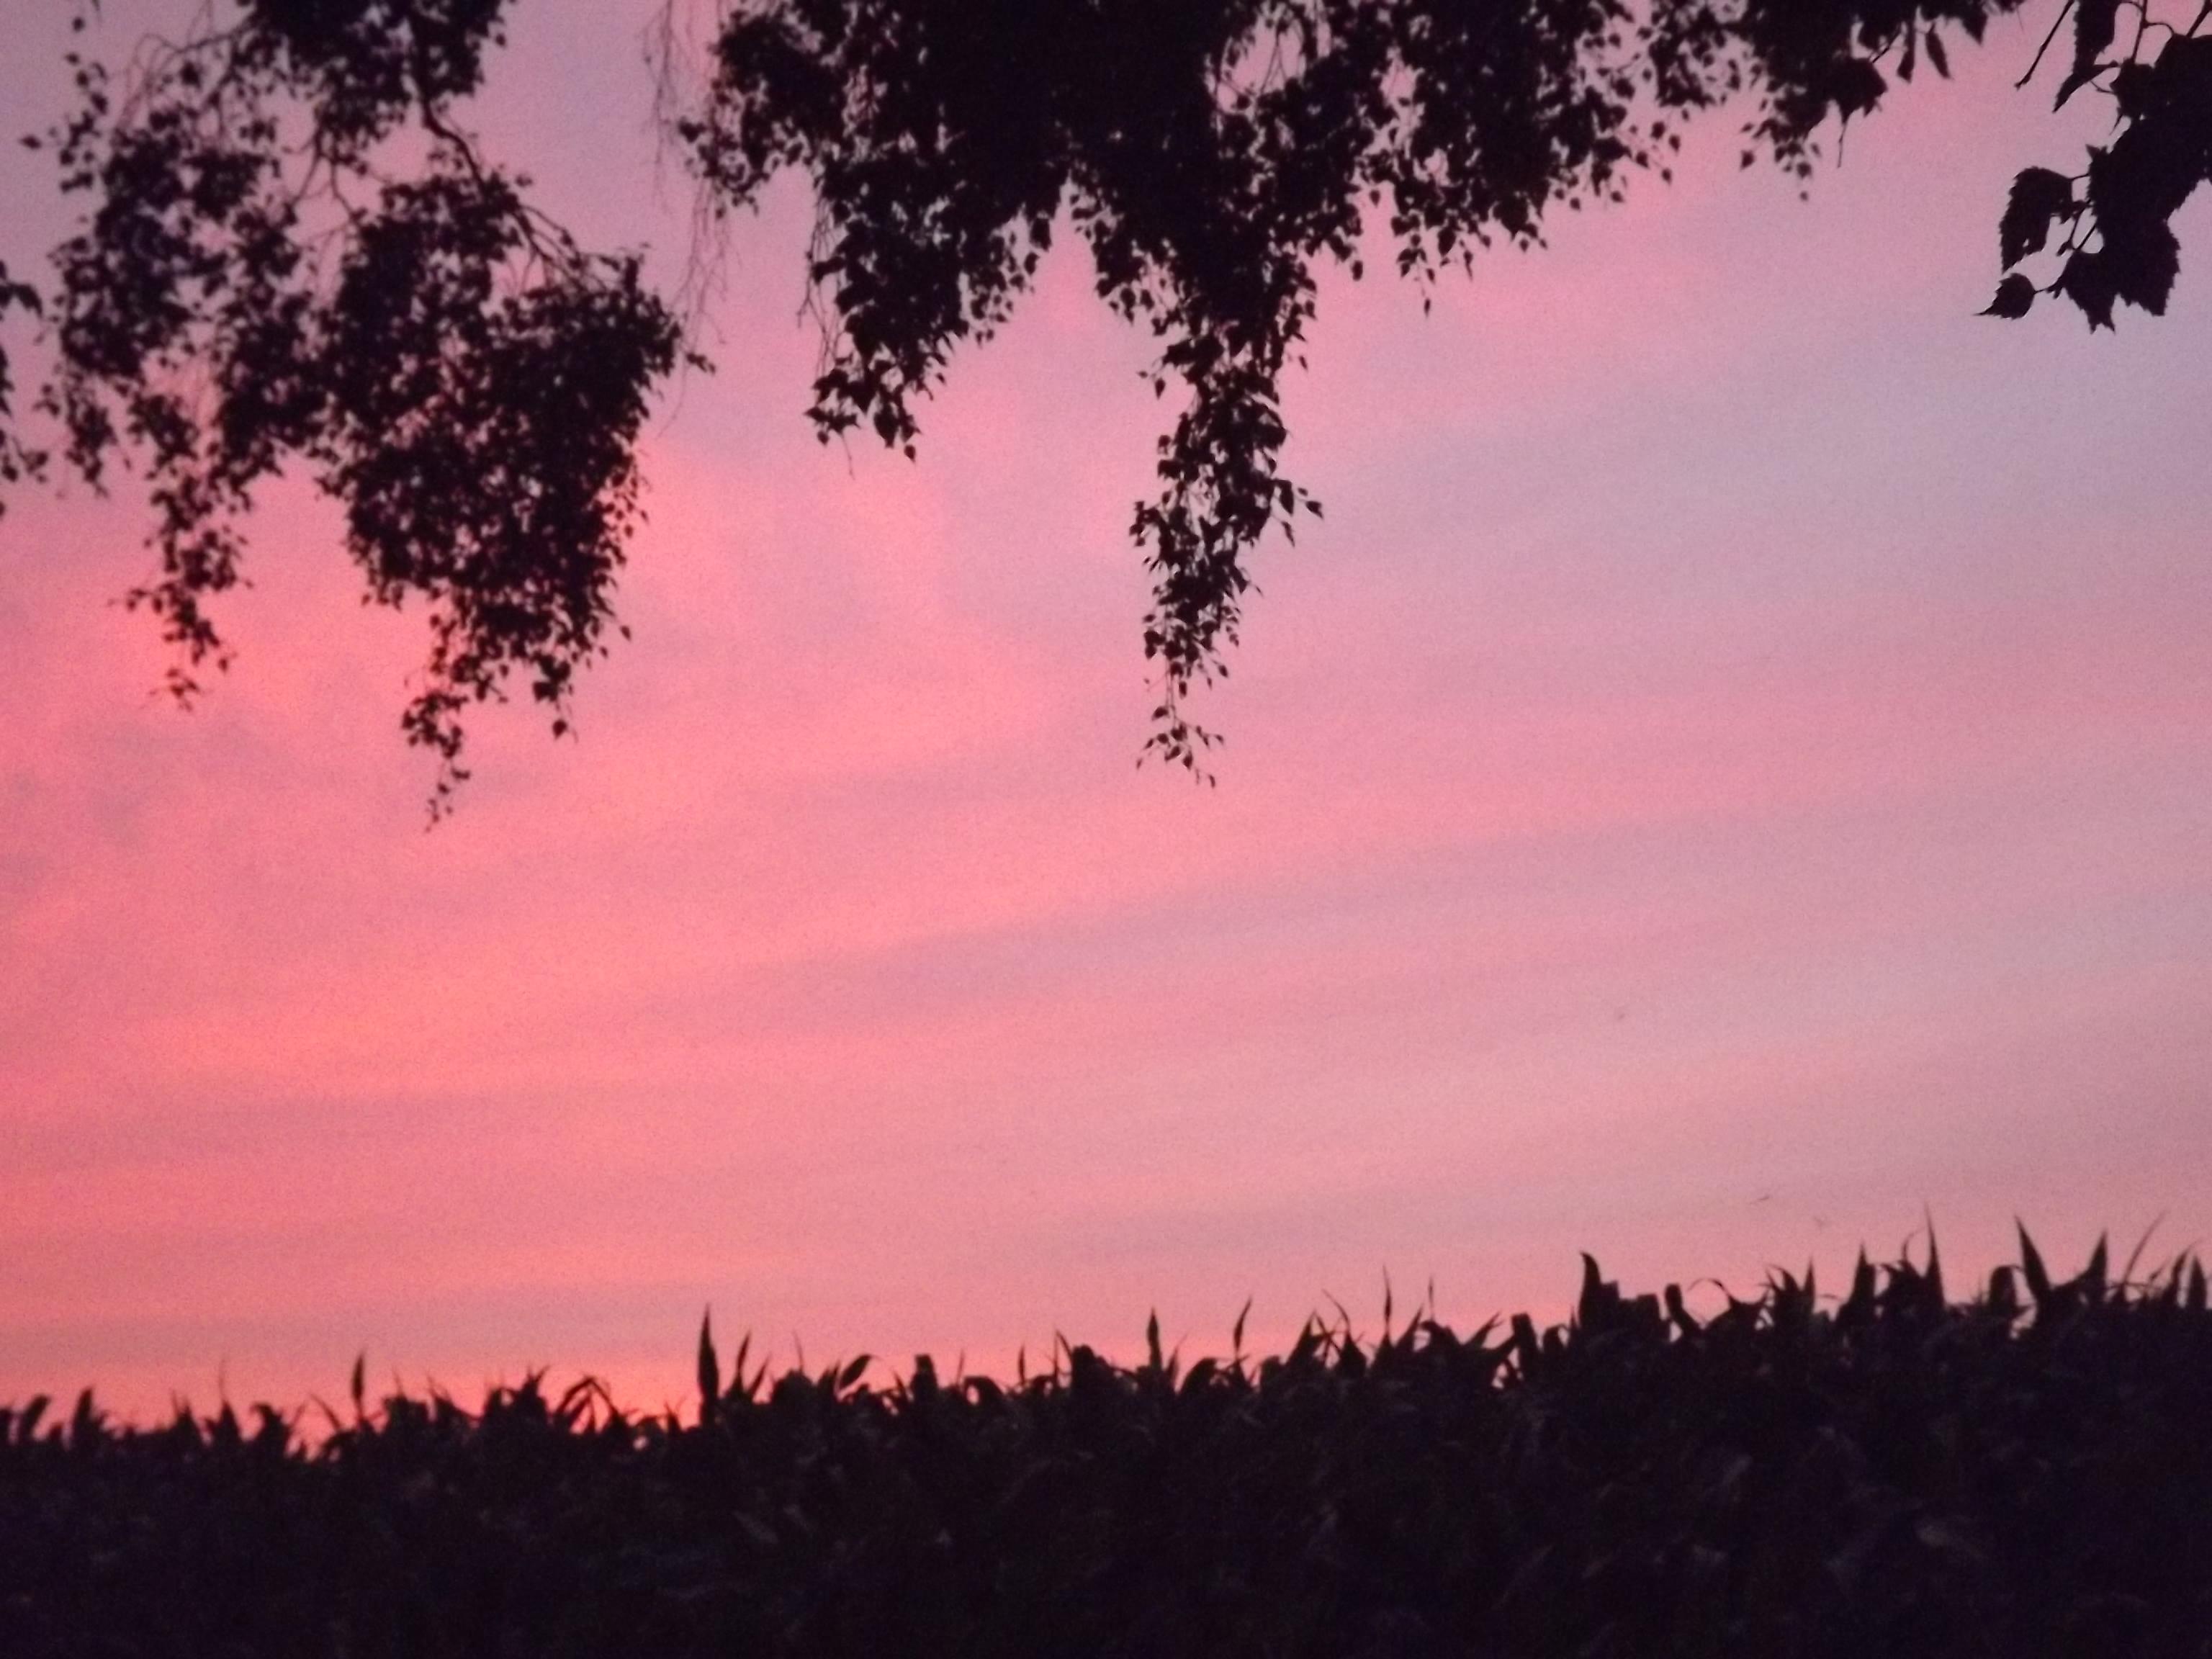 6272-himmel-wolken-rosa-blau-silhouette